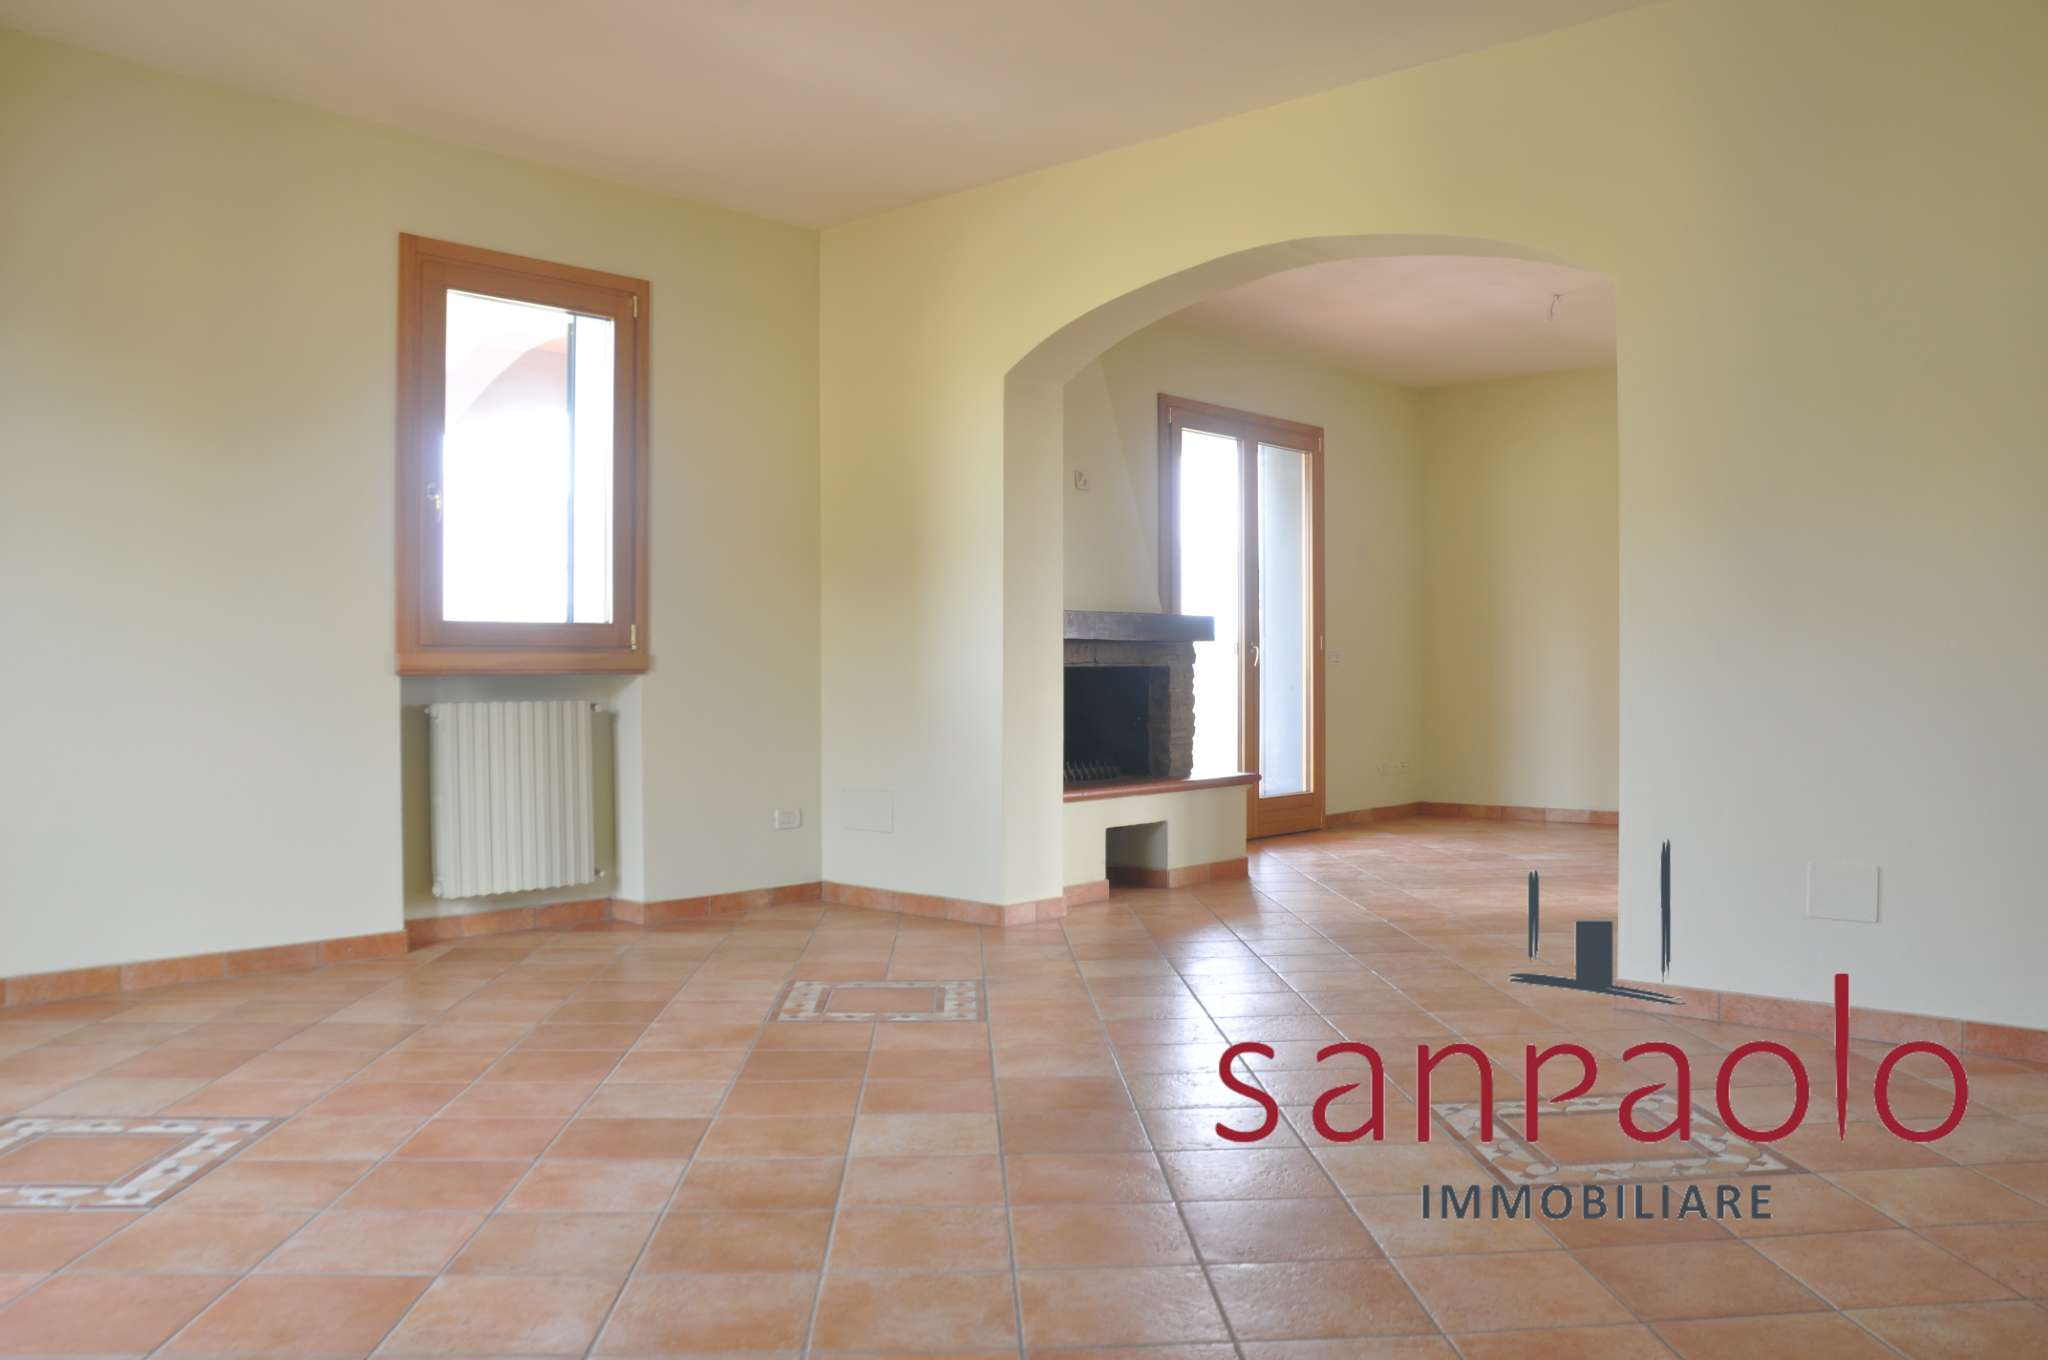 Appartamento in vendita a Pistoia, 5 locali, prezzo € 400.000 | PortaleAgenzieImmobiliari.it